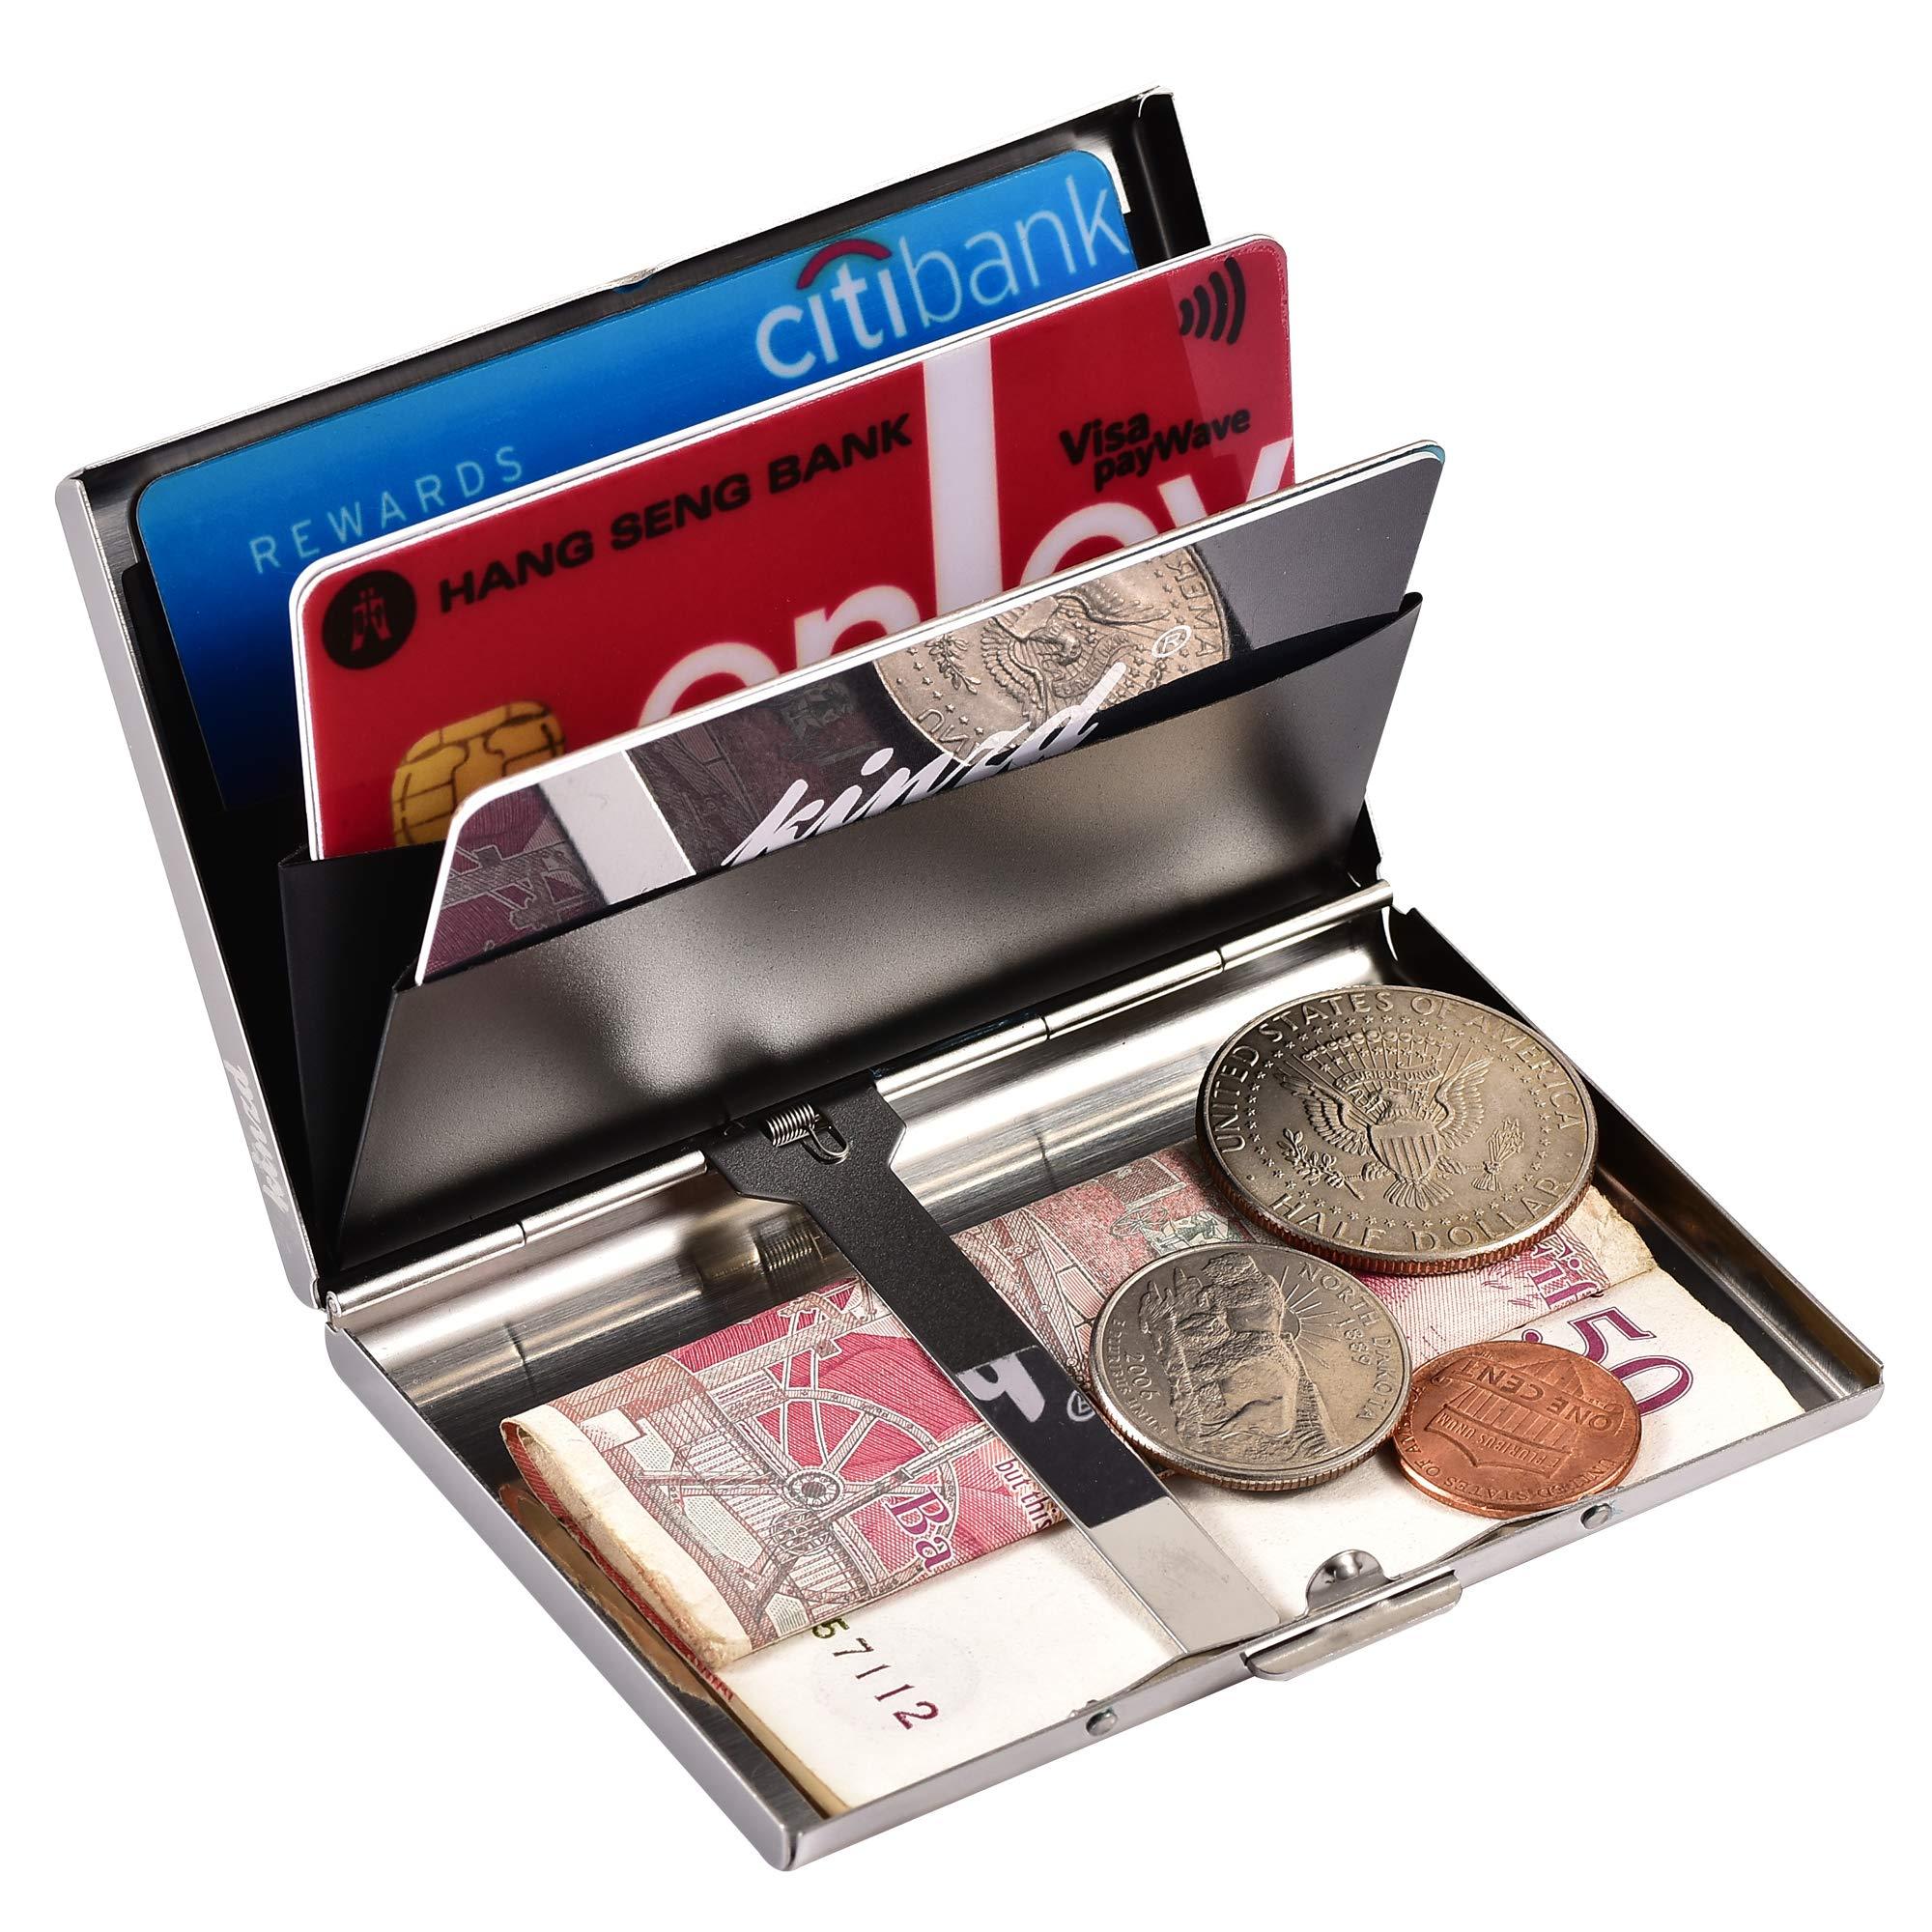 RFID Blocking Bank Card Wallet Stainless Steel nuosen Metal Credit Card Holder